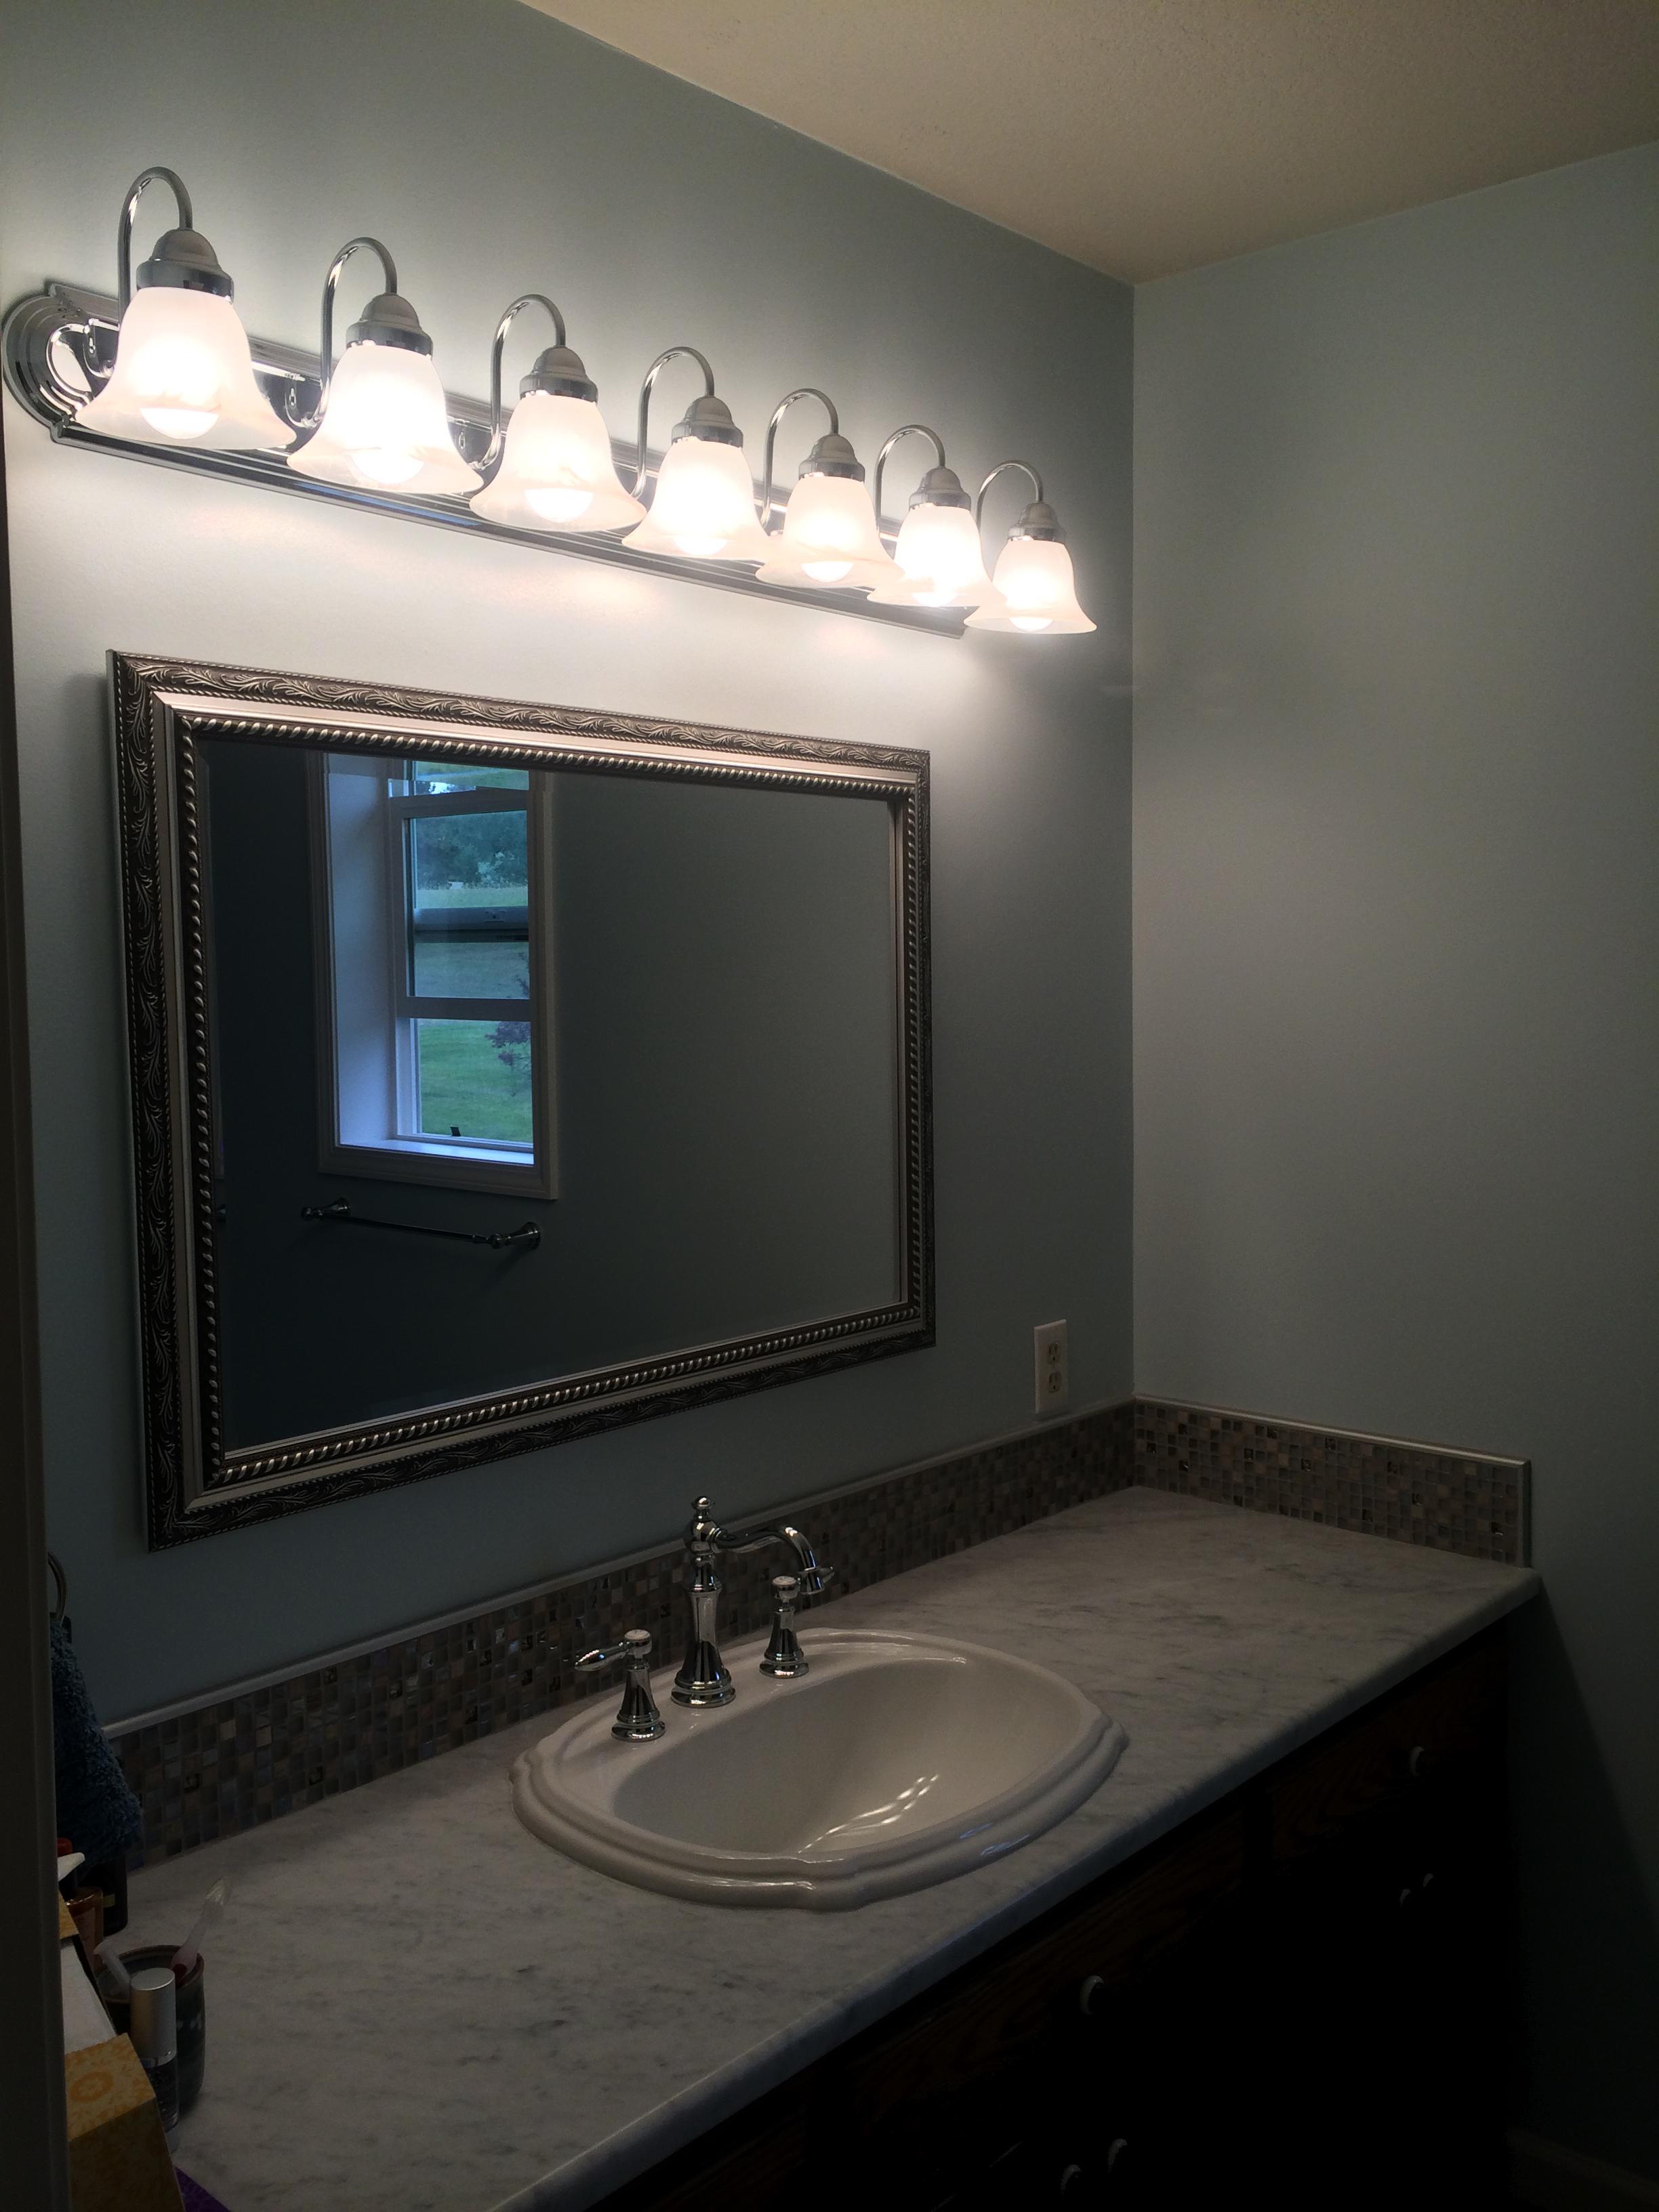 Gallery Expert Remodeling Missoula - Bathroom remodeling missoula mt